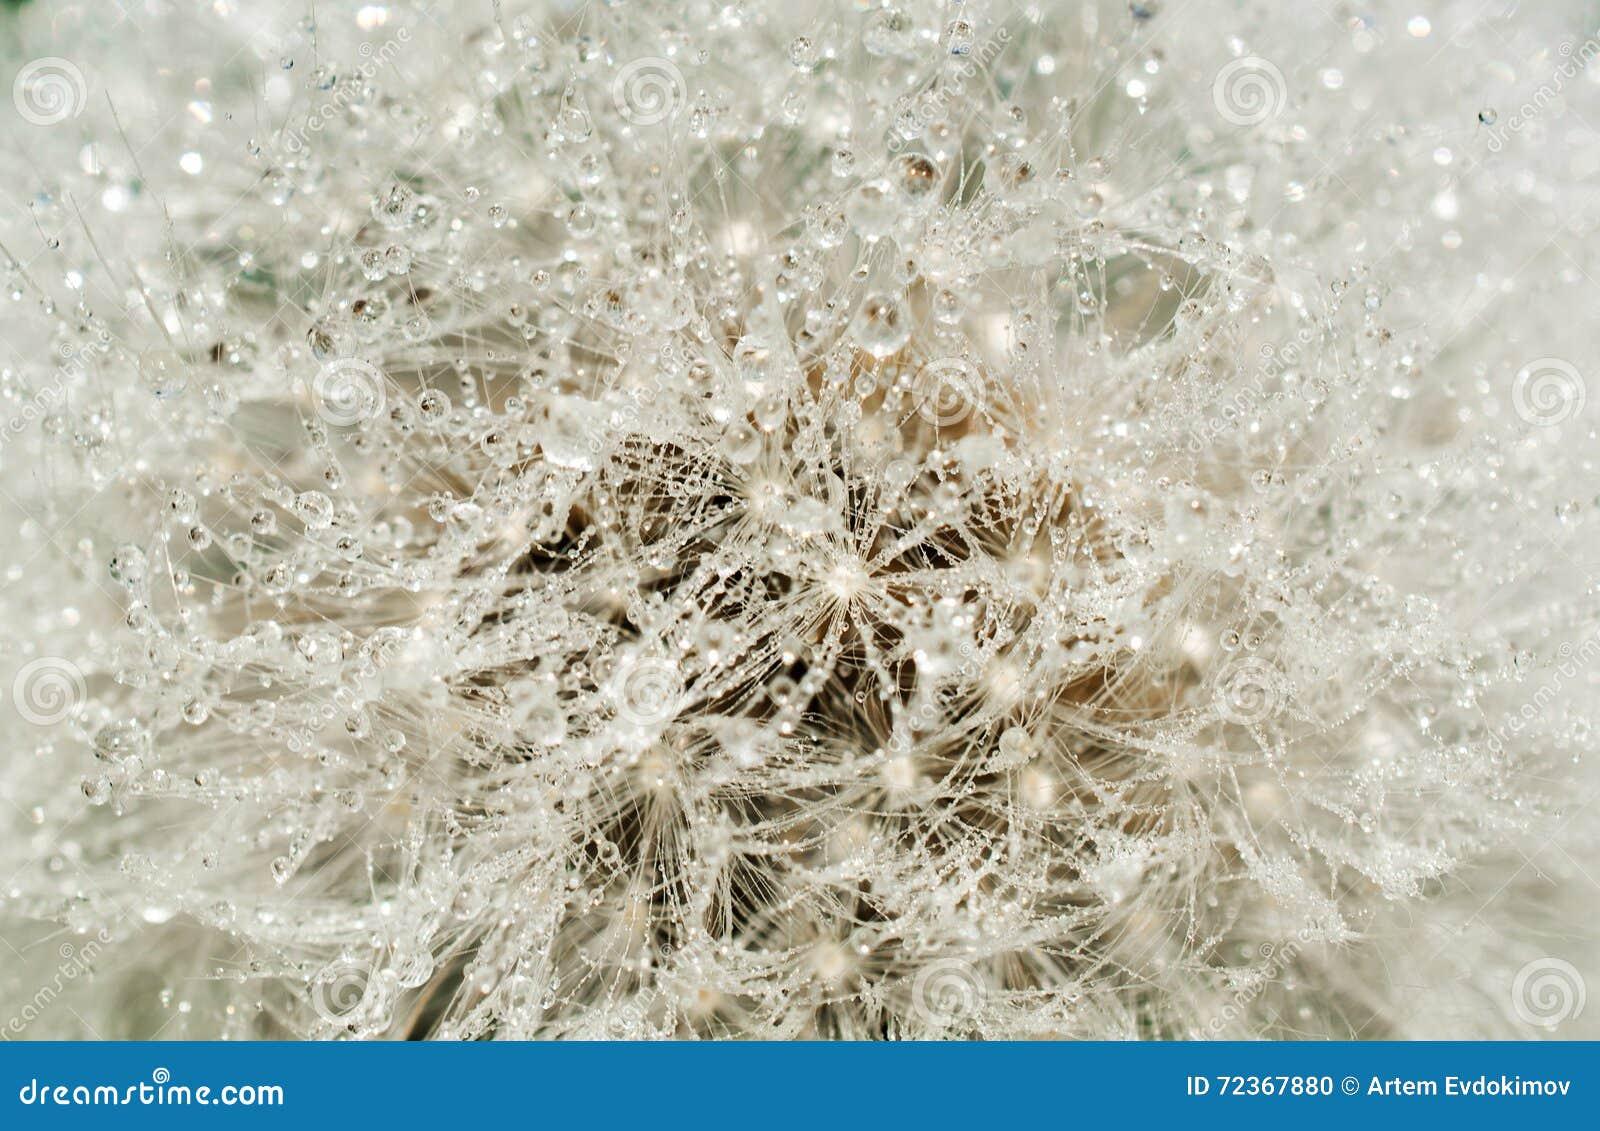 抽象蒲公英花用水投下背景,特写镜头